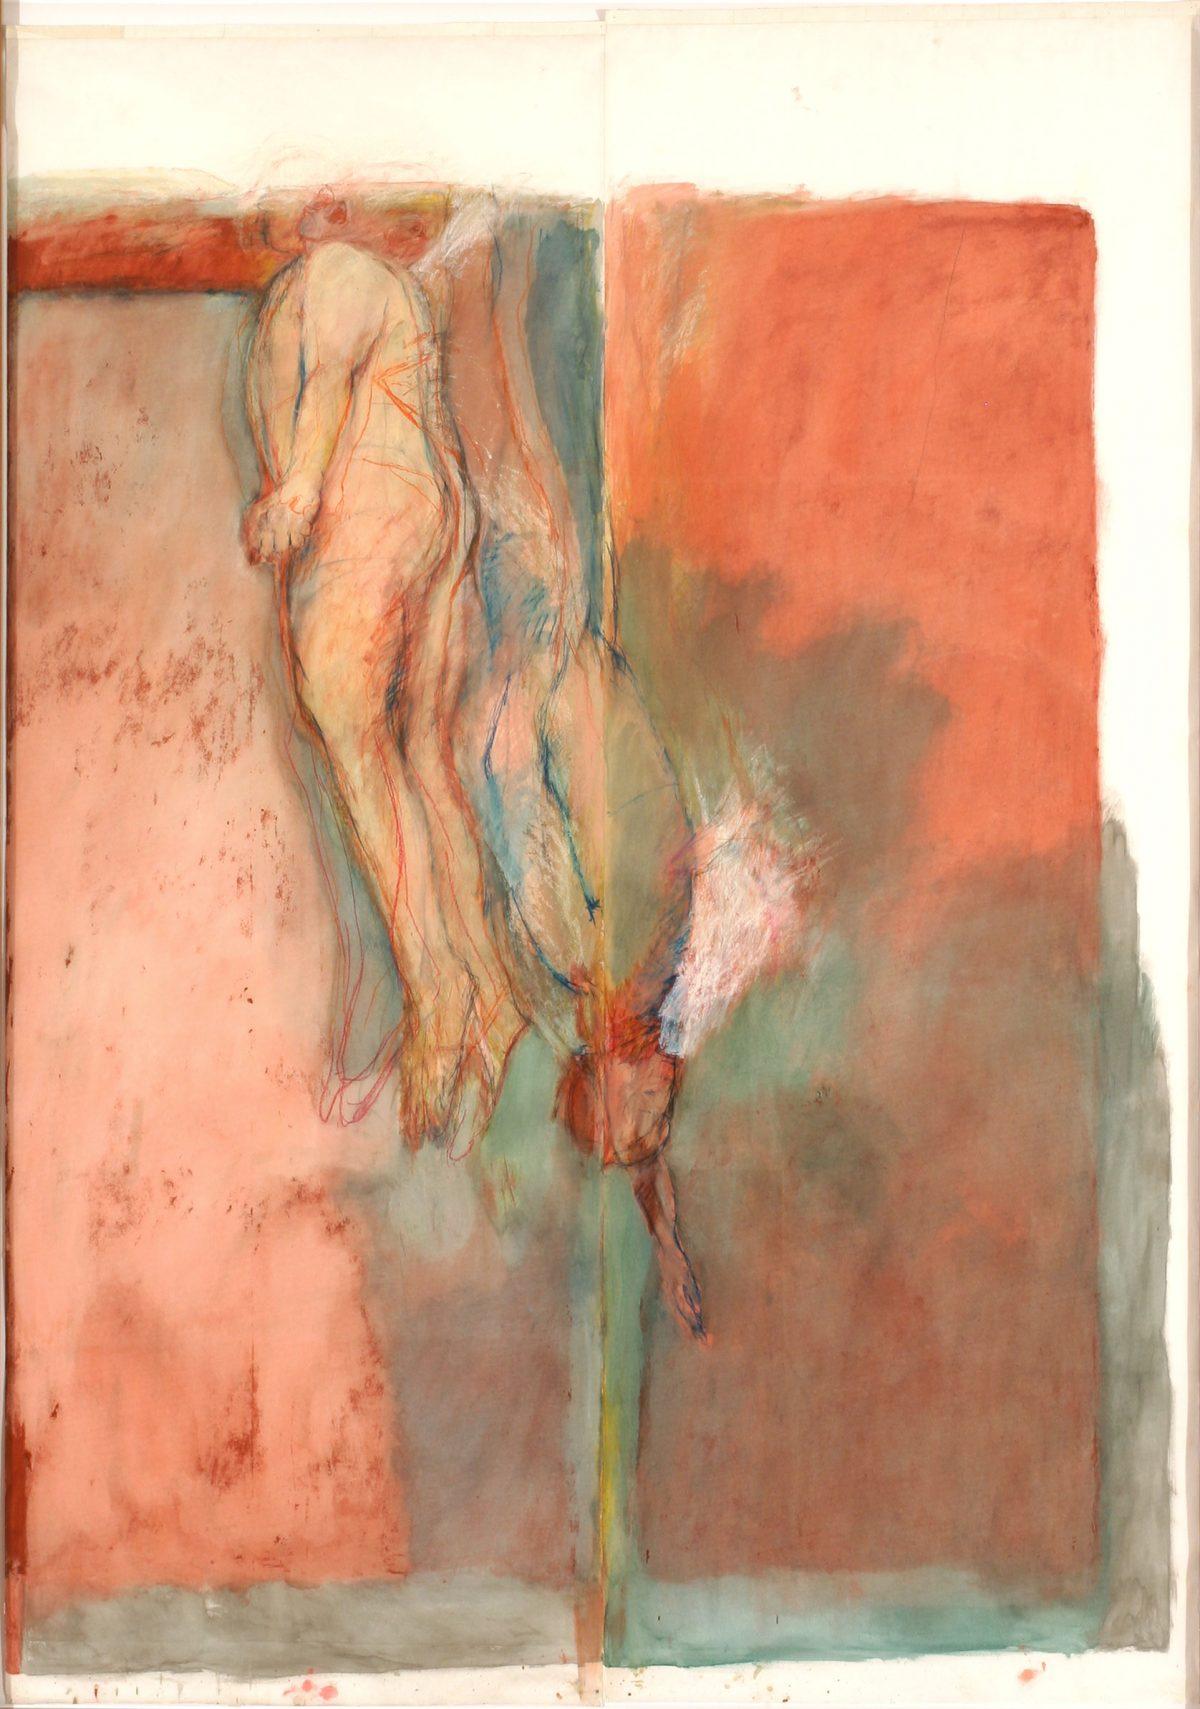 Red Sea, 1984, Betty Goodwin, Pastel à l'huile, pastel sec, huile et fusain sur papier vélin.